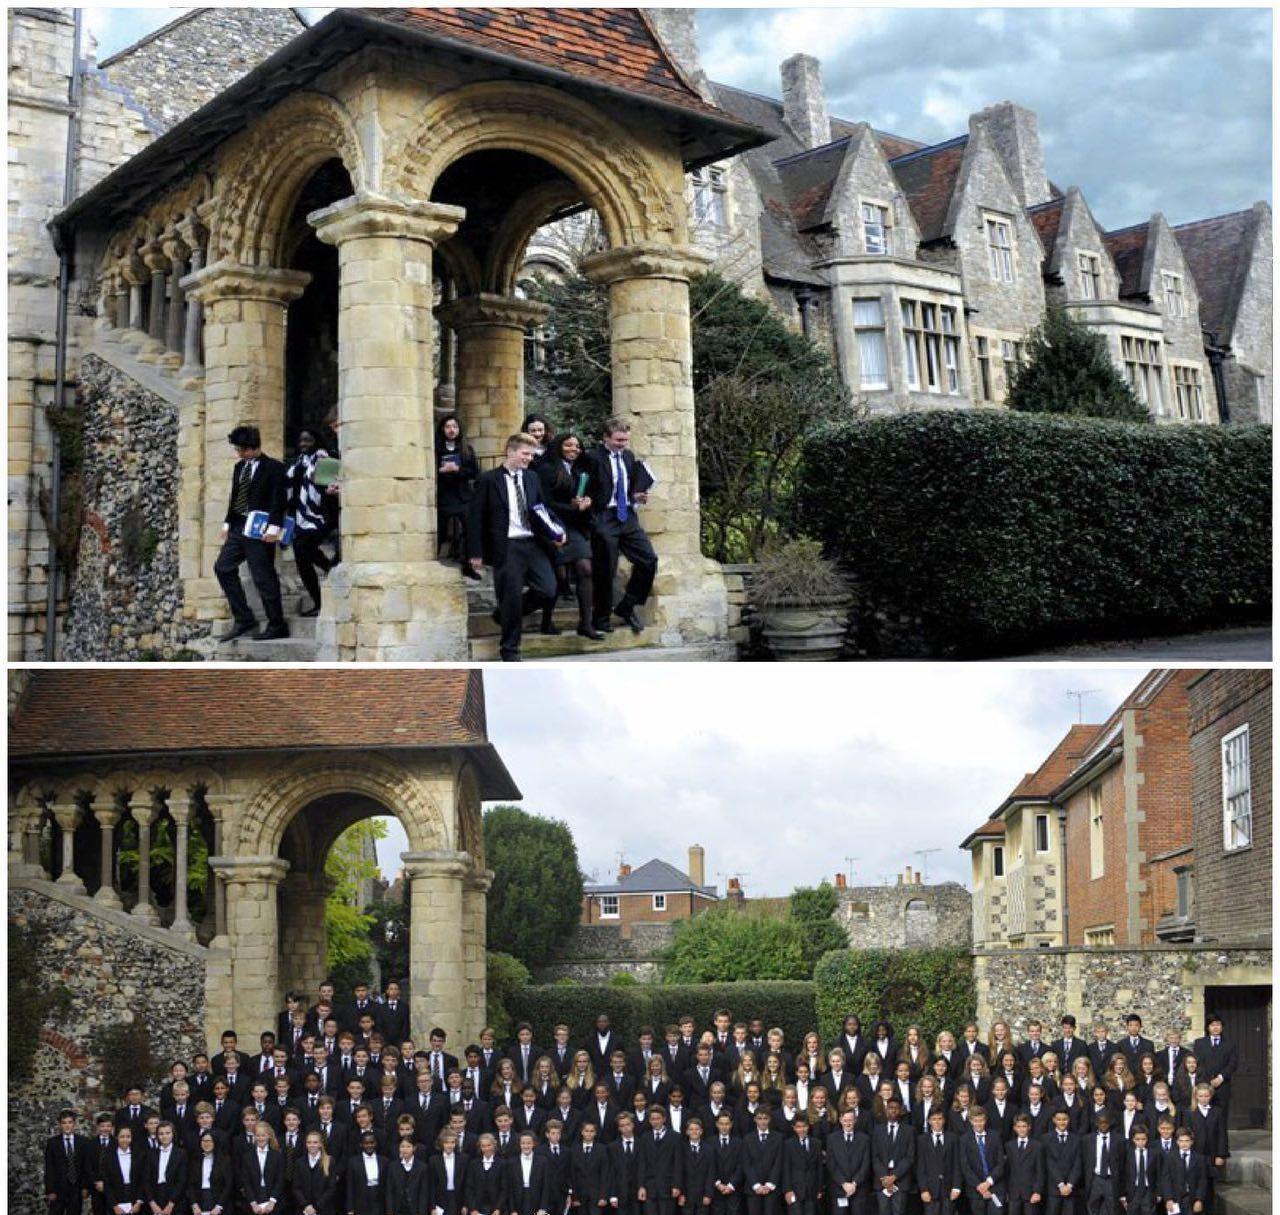 عجایب دانستنی در مورد قدیمی ترین مدرسه انگلستان+عکس///نمایه درست شود/////////